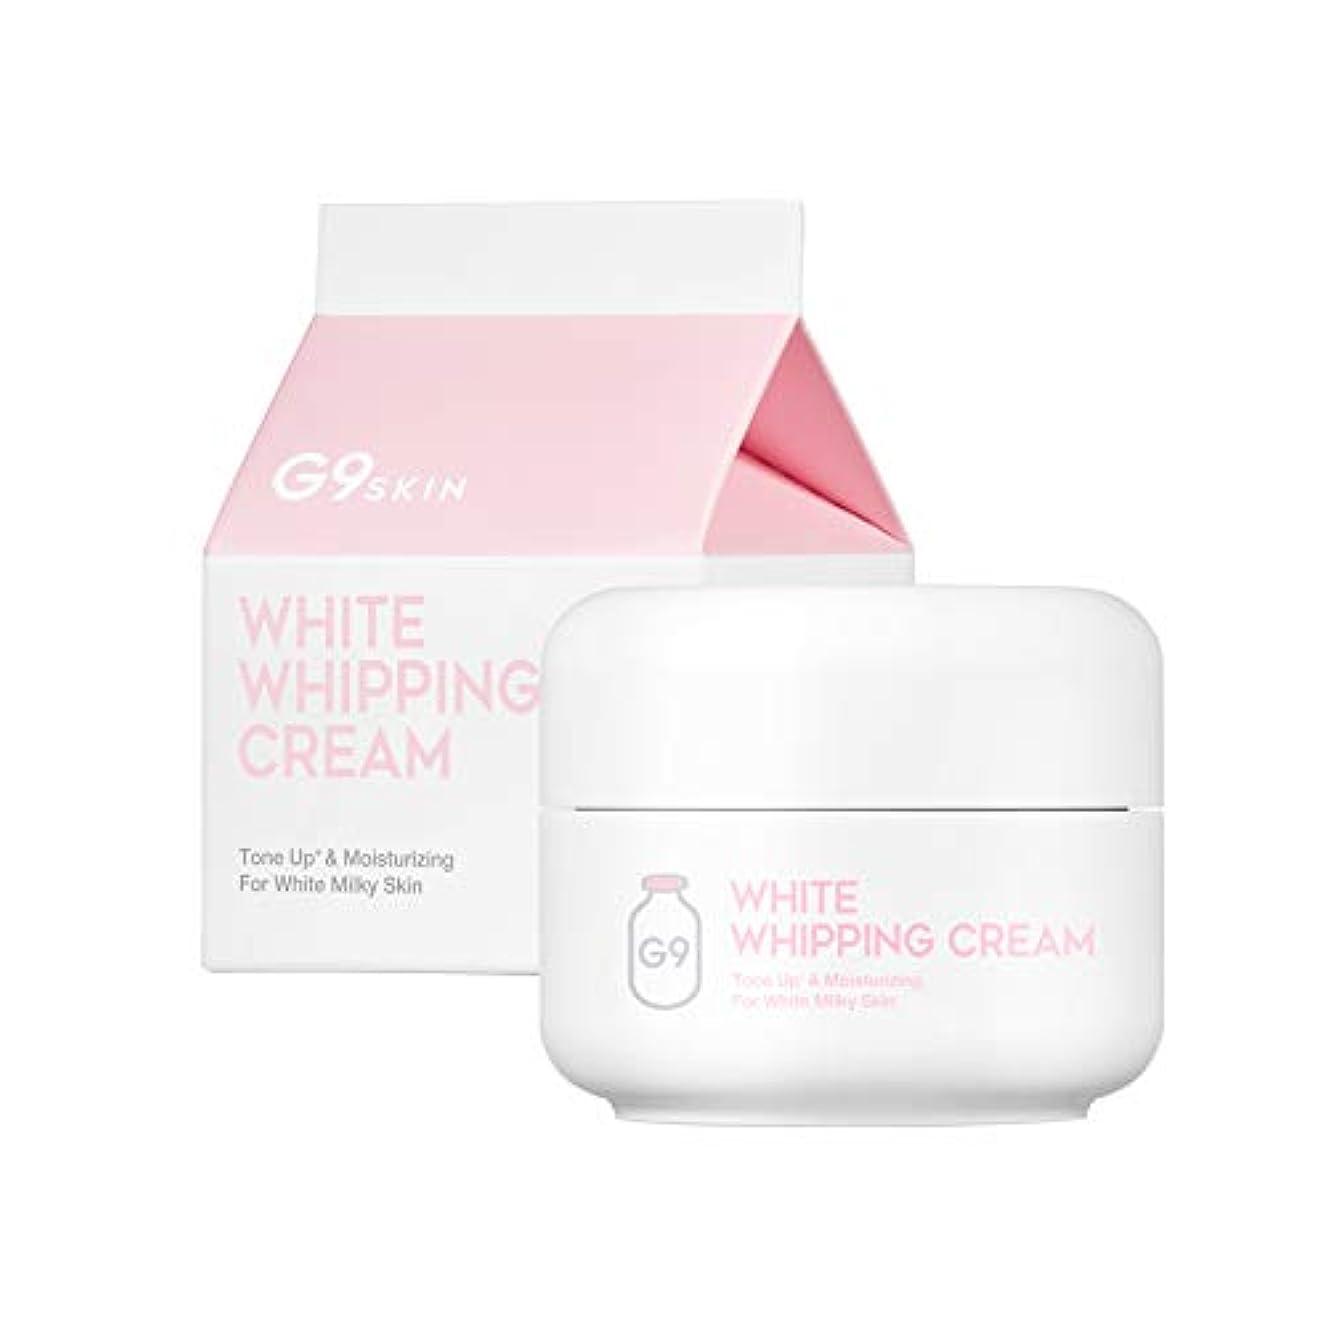 最大の批判二度[ジナインスキン] G9SKIN ジーナイン スキン ホワイト フイッピング クリーム (G9 Skin White Whipping Cream) [海外直送品] [並行輸入品]